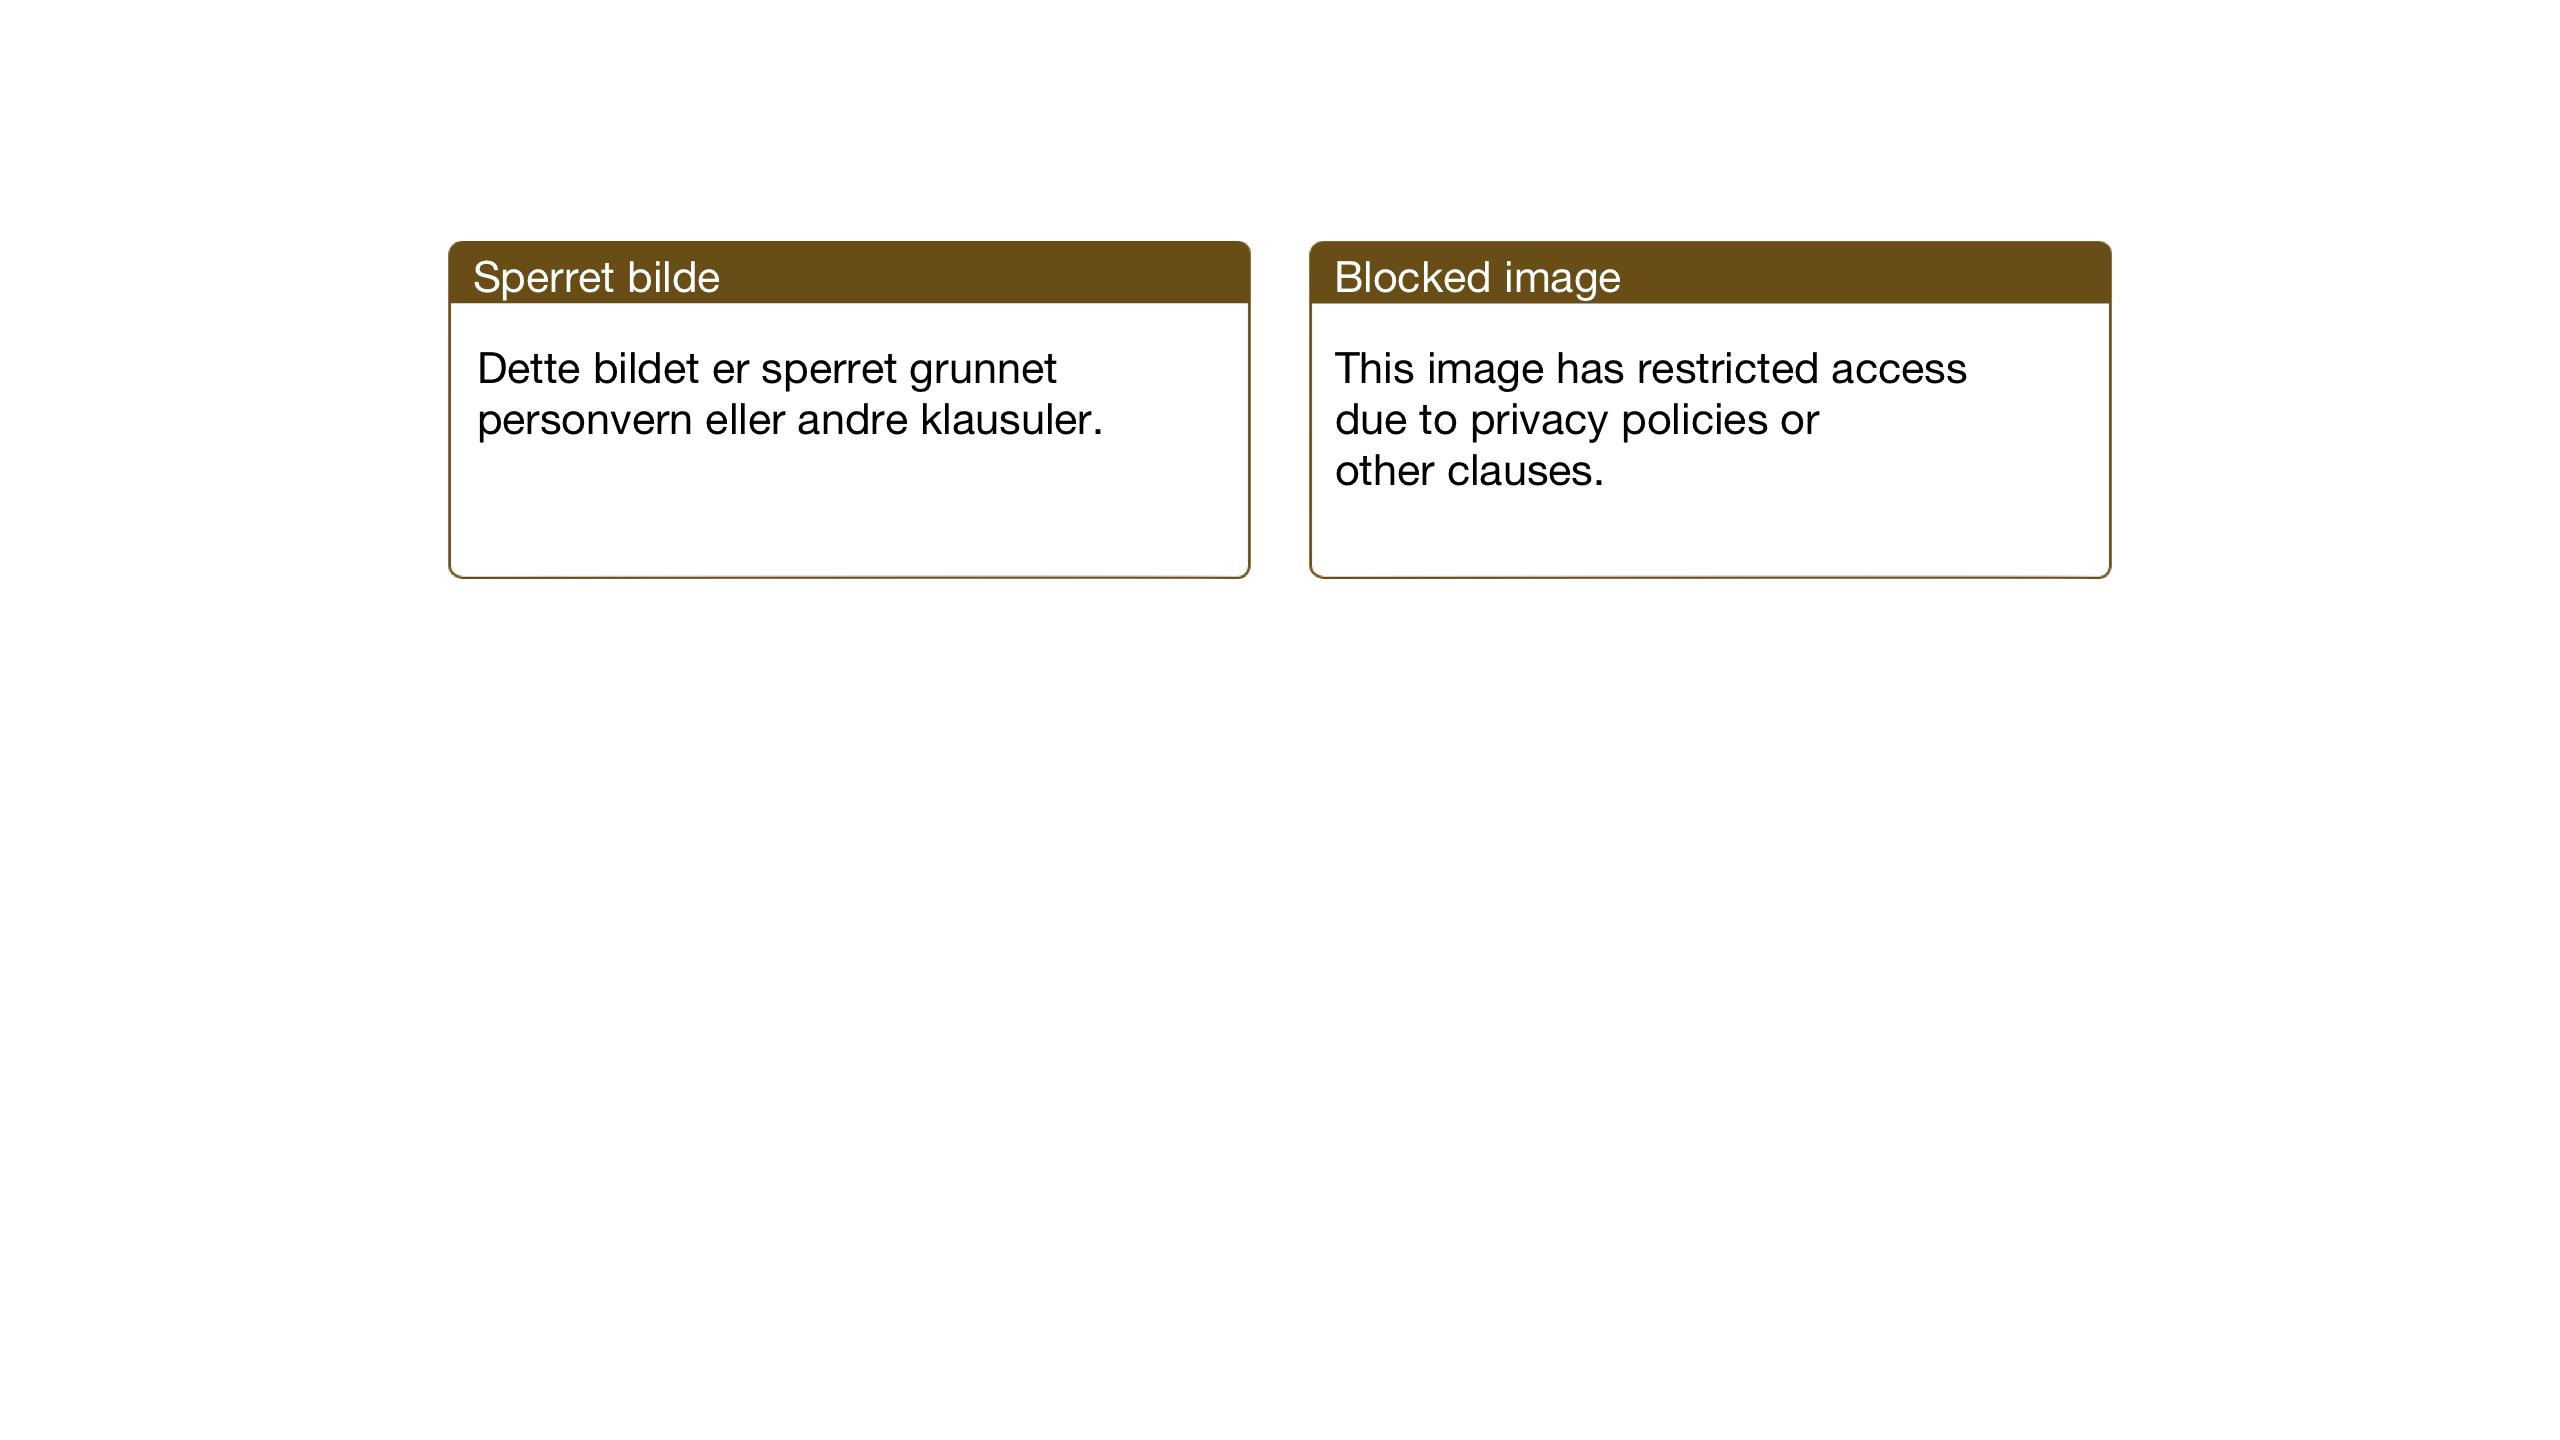 SAT, Ministerialprotokoller, klokkerbøker og fødselsregistre - Sør-Trøndelag, 662/L0758: Klokkerbok nr. 662C03, 1918-1948, s. 56